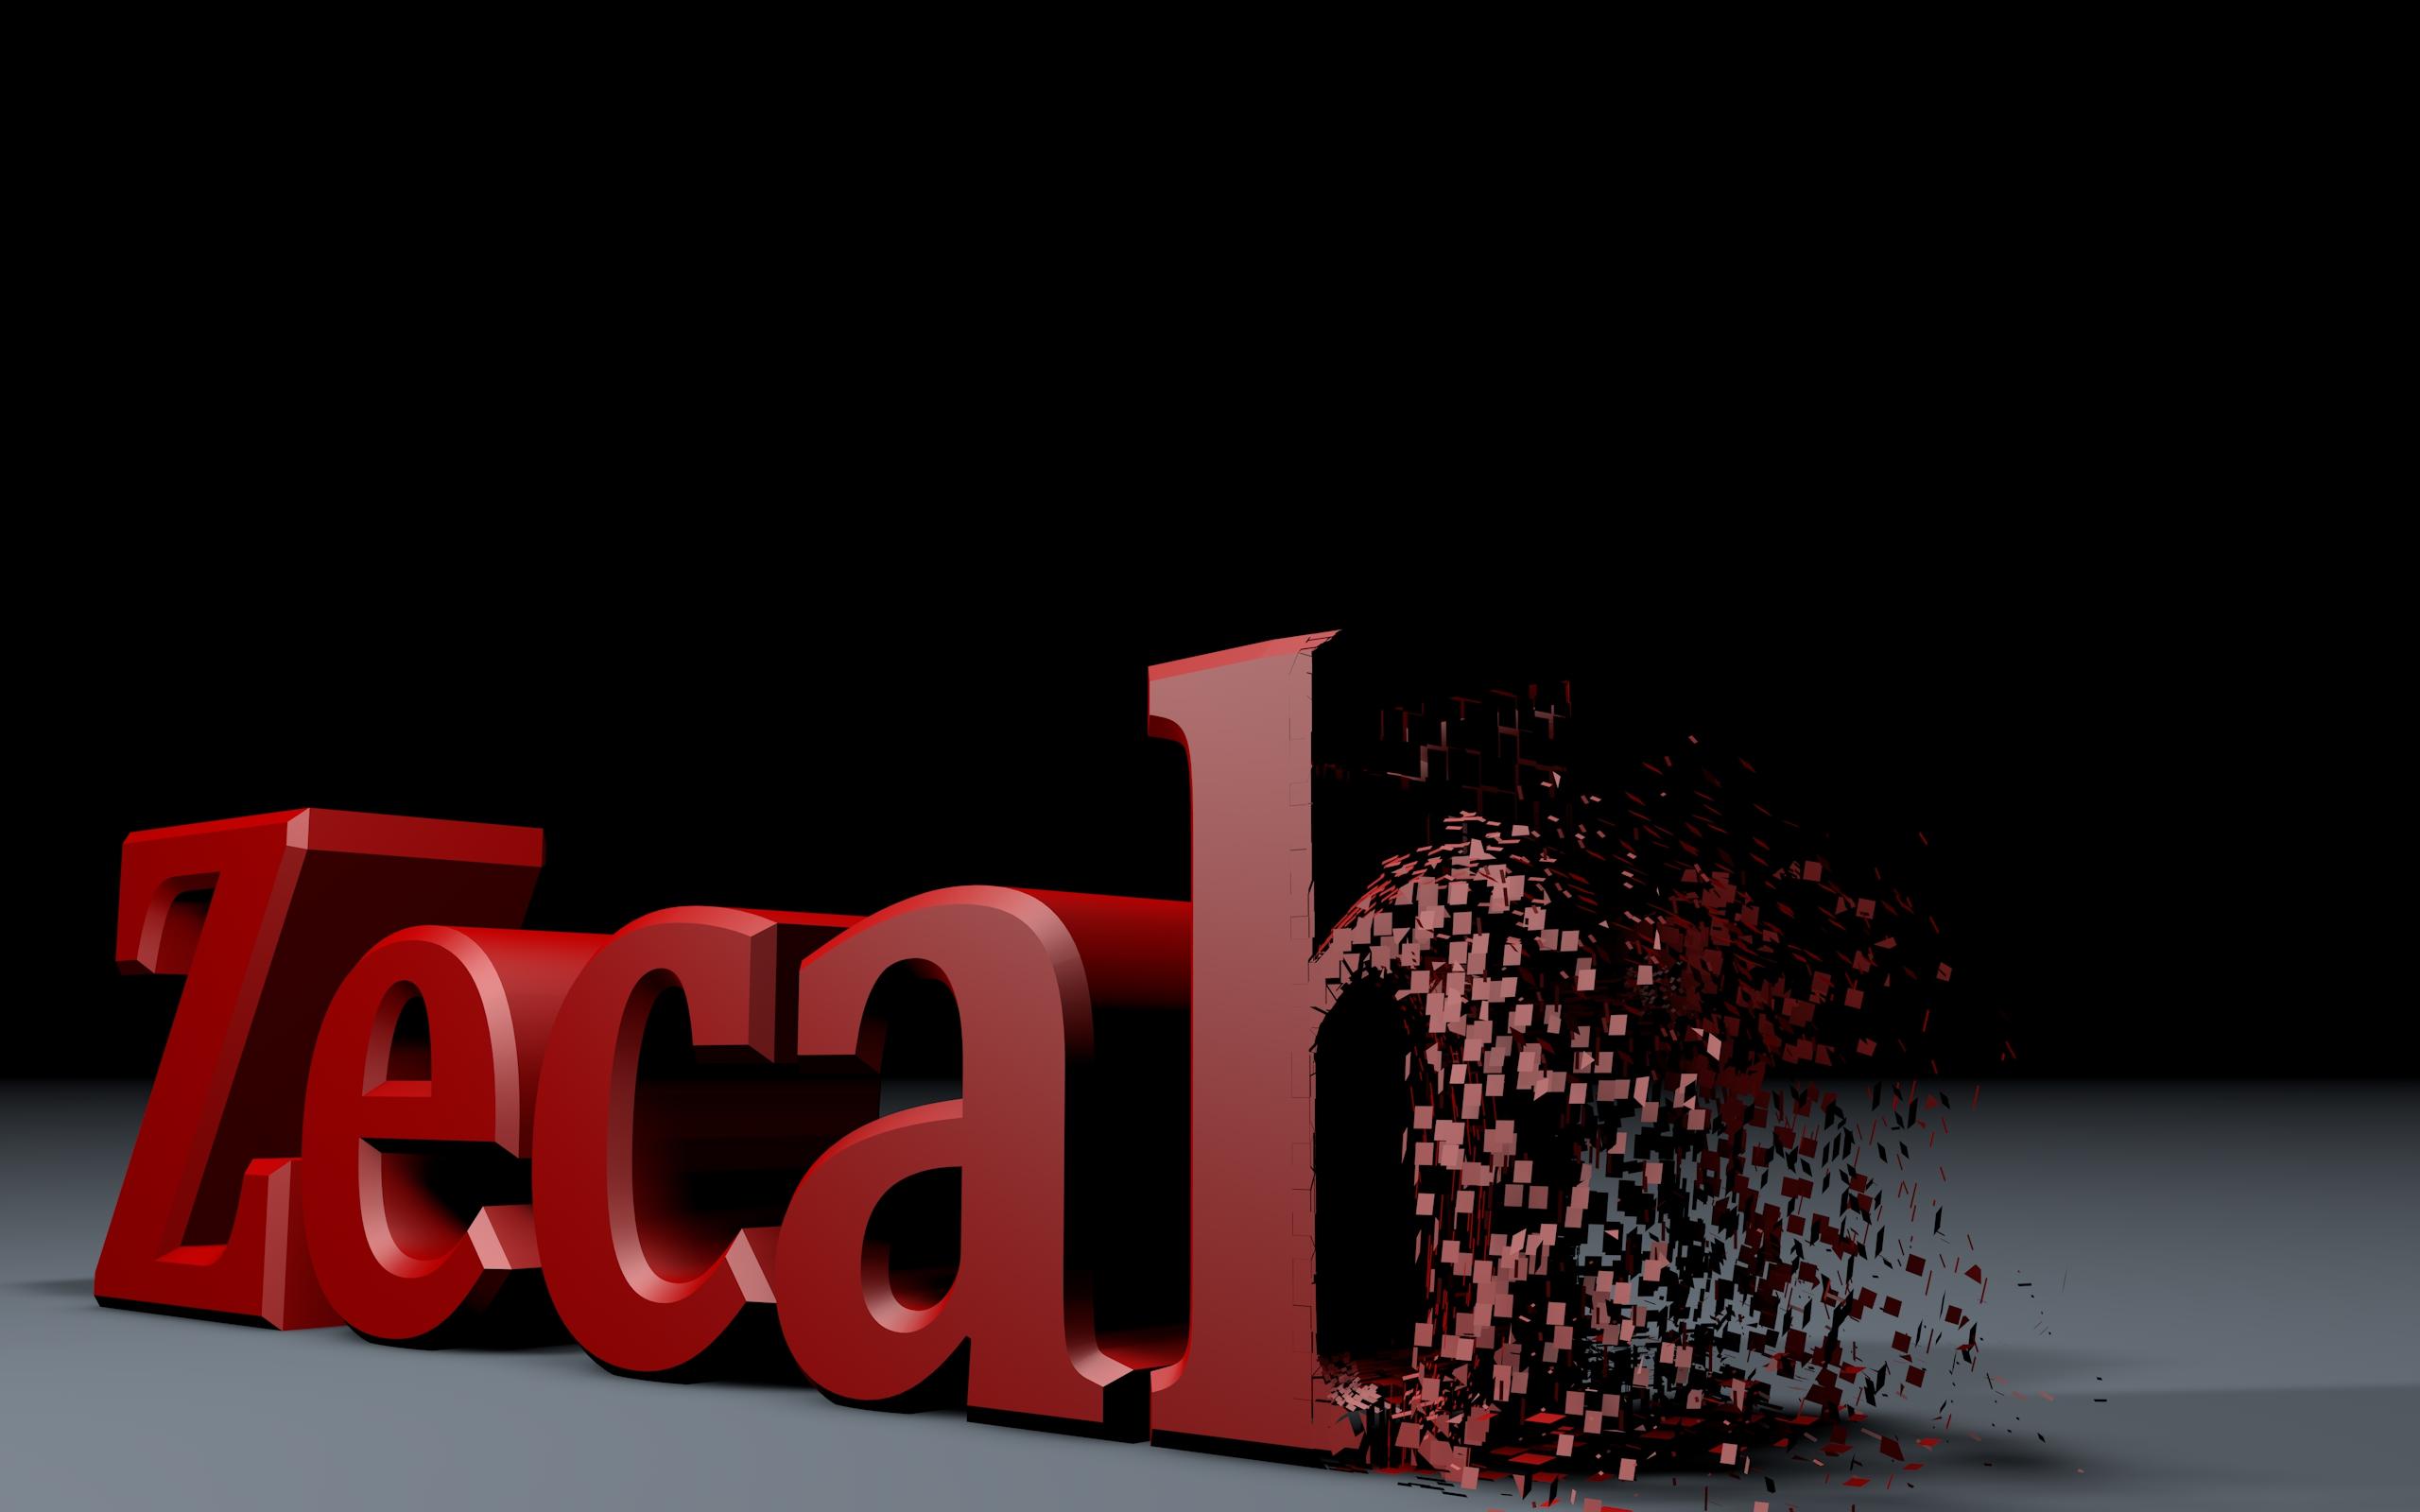 typography 3d in cinema 4d by zecah on deviantart